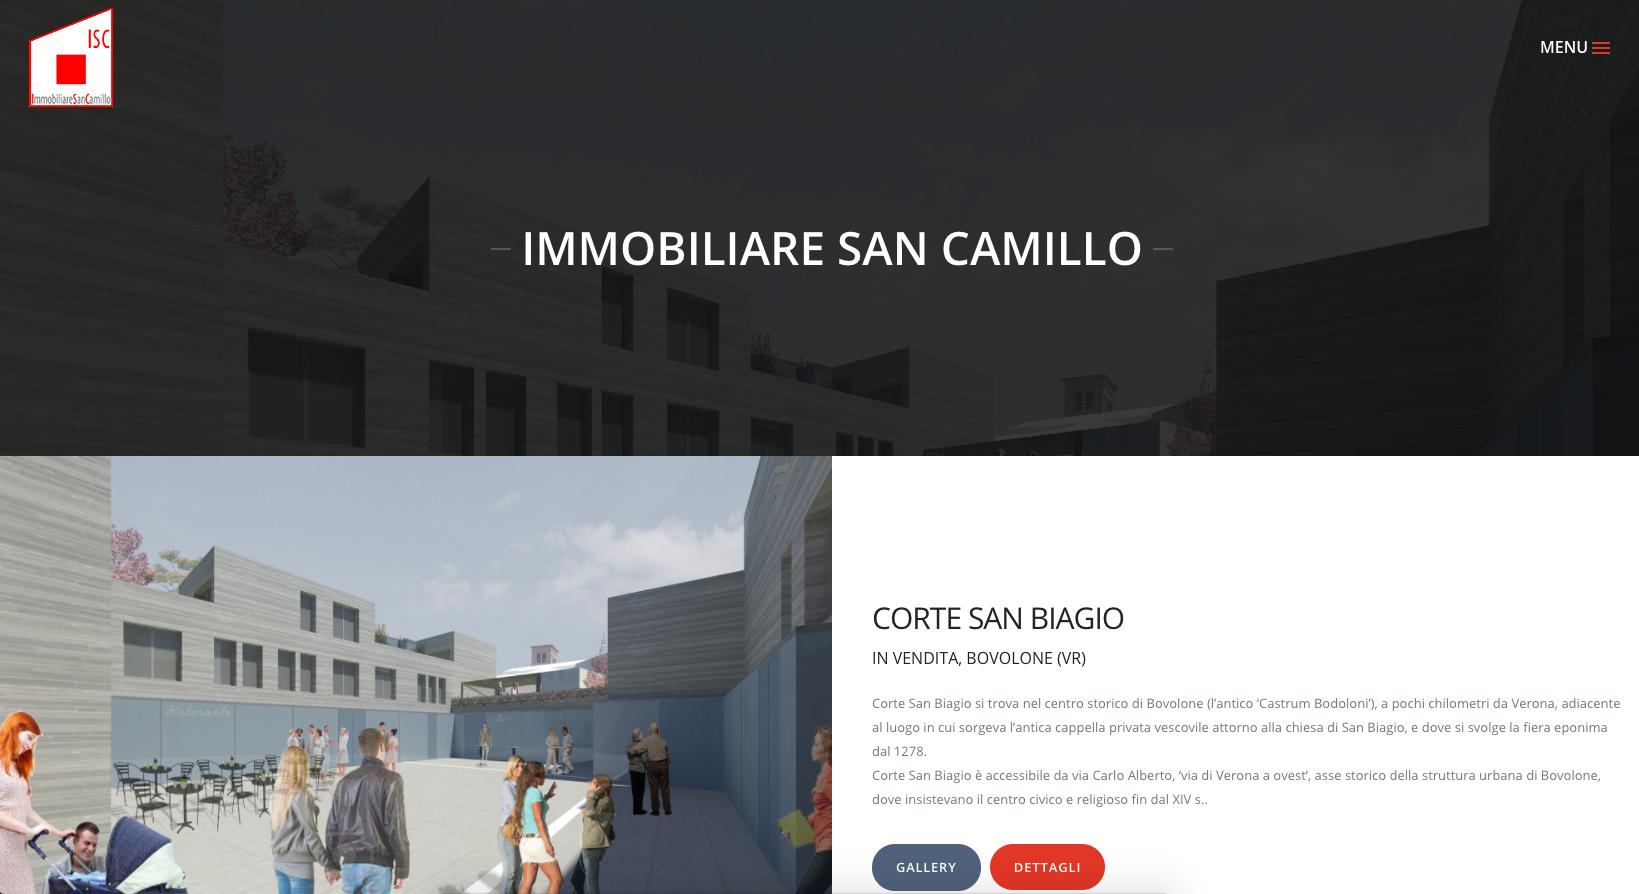 Immobiliare San Camillo